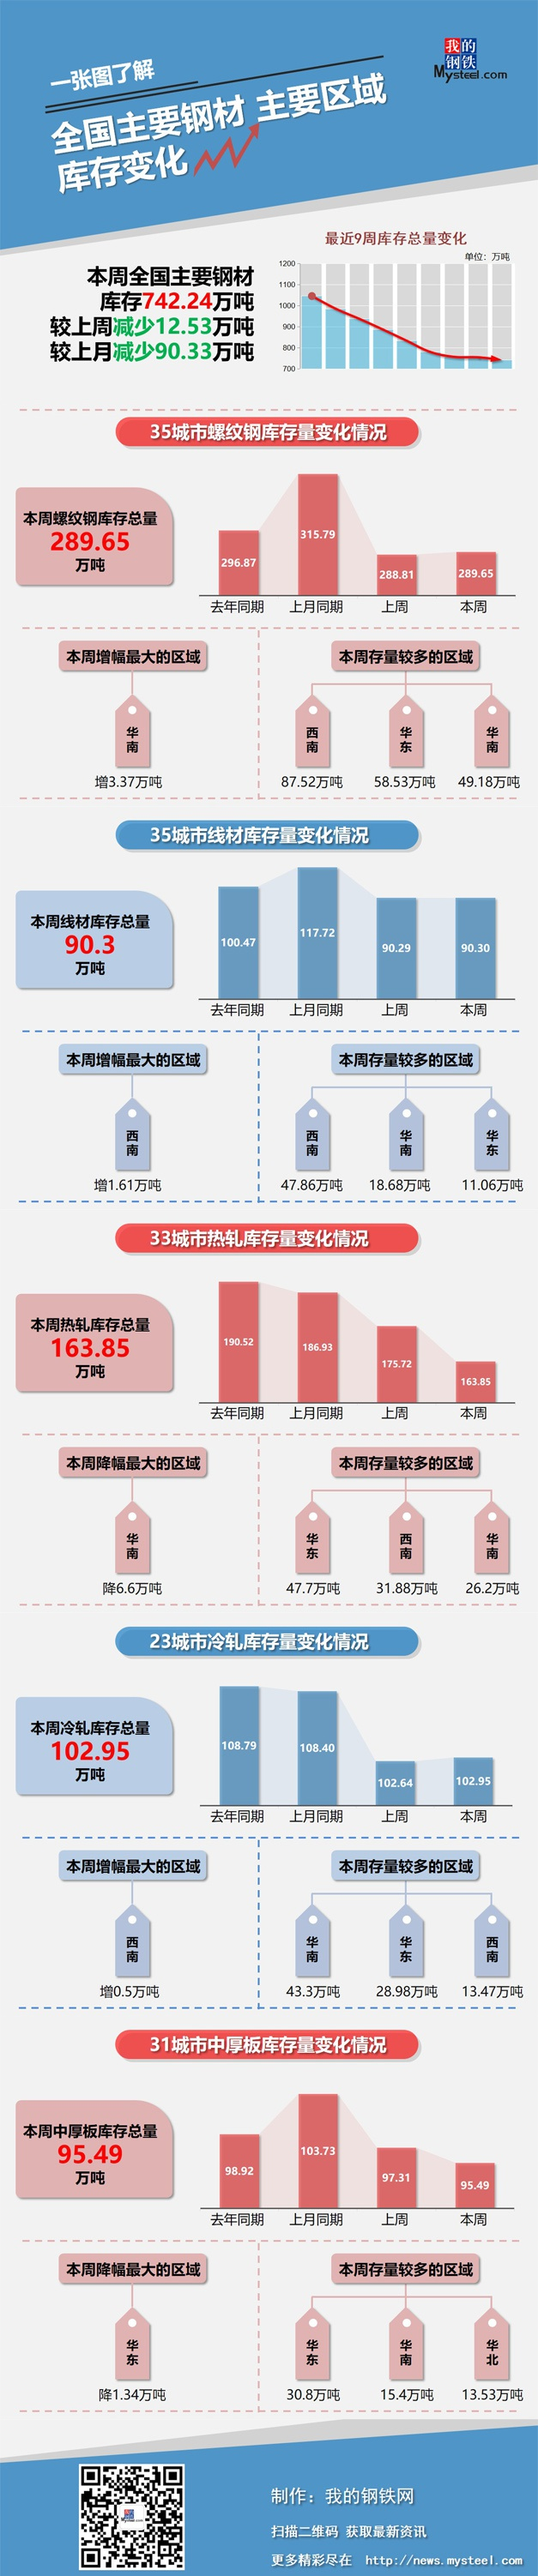 本周钢材社会库存减少12.53万吨